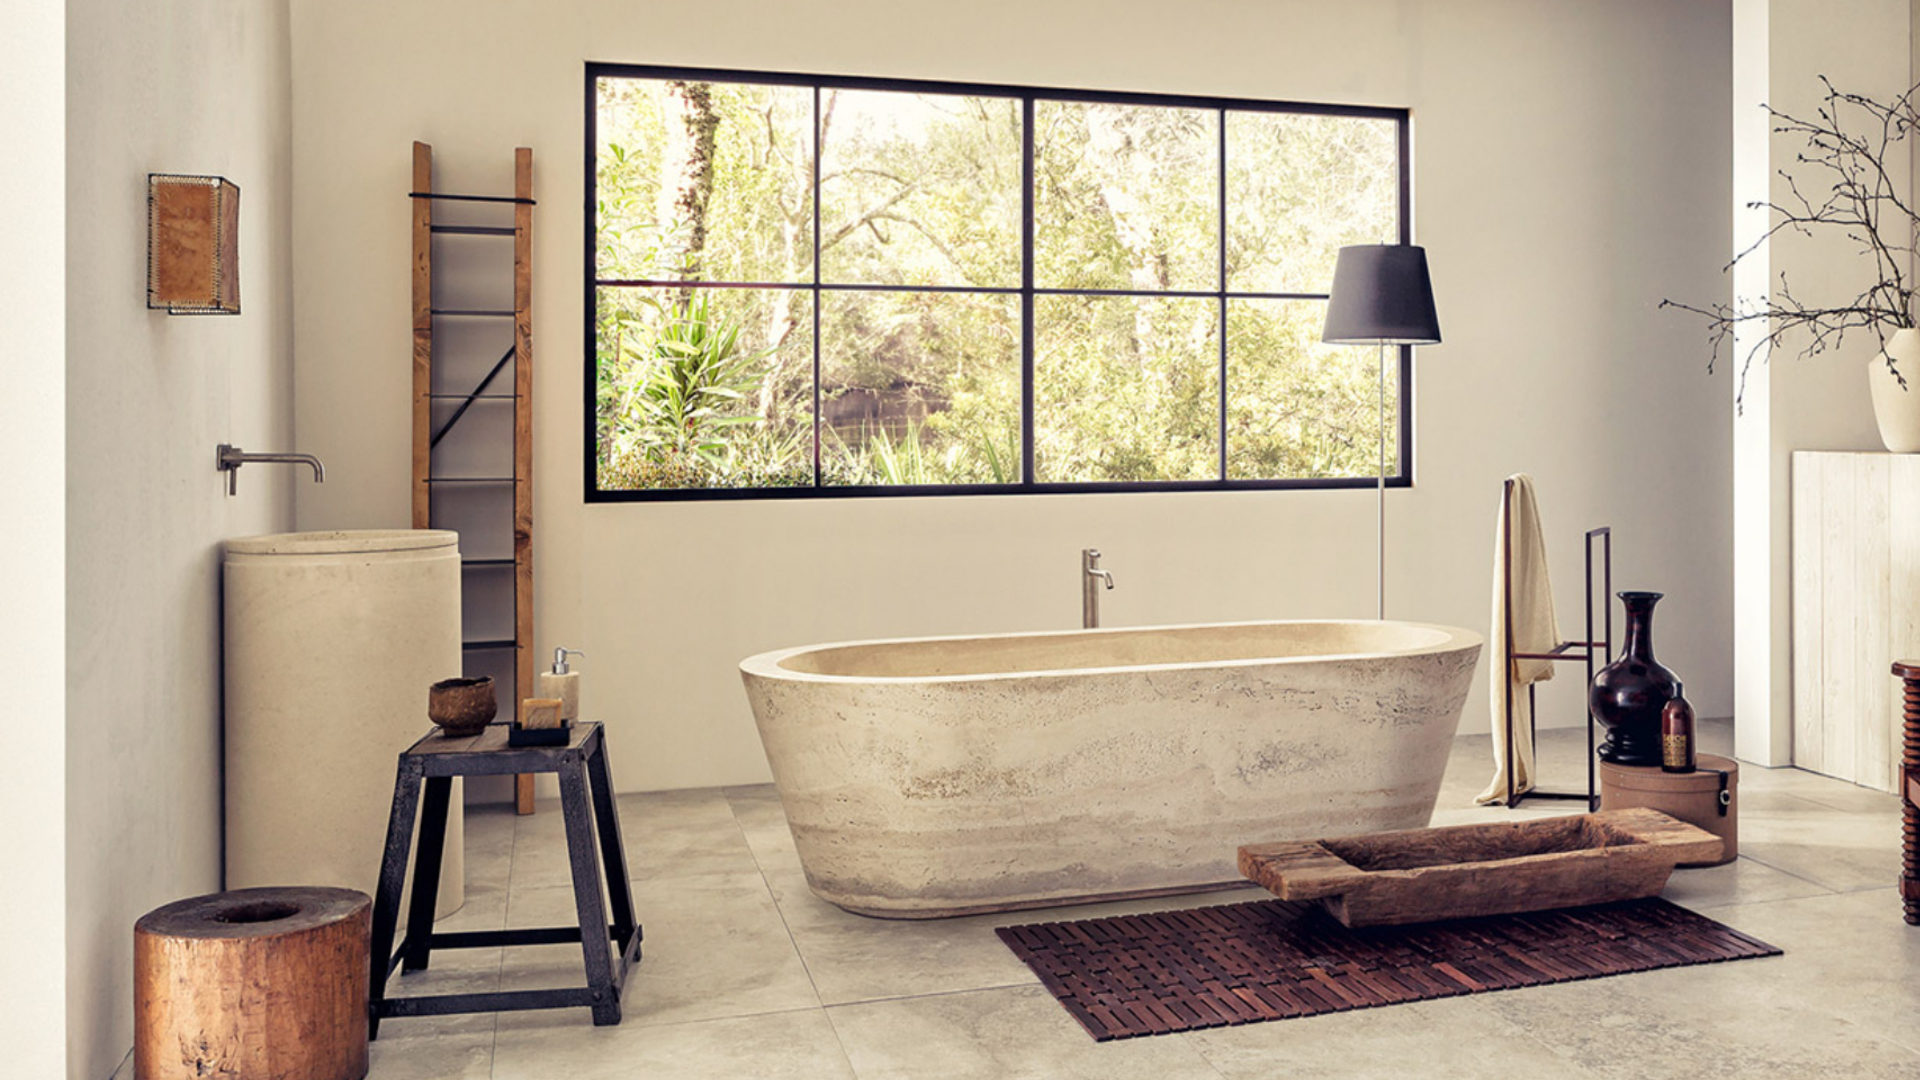 Vasca Da Bagno Firenze : Sostituzione vasca da bagno in muri con piatto doccia e anta di